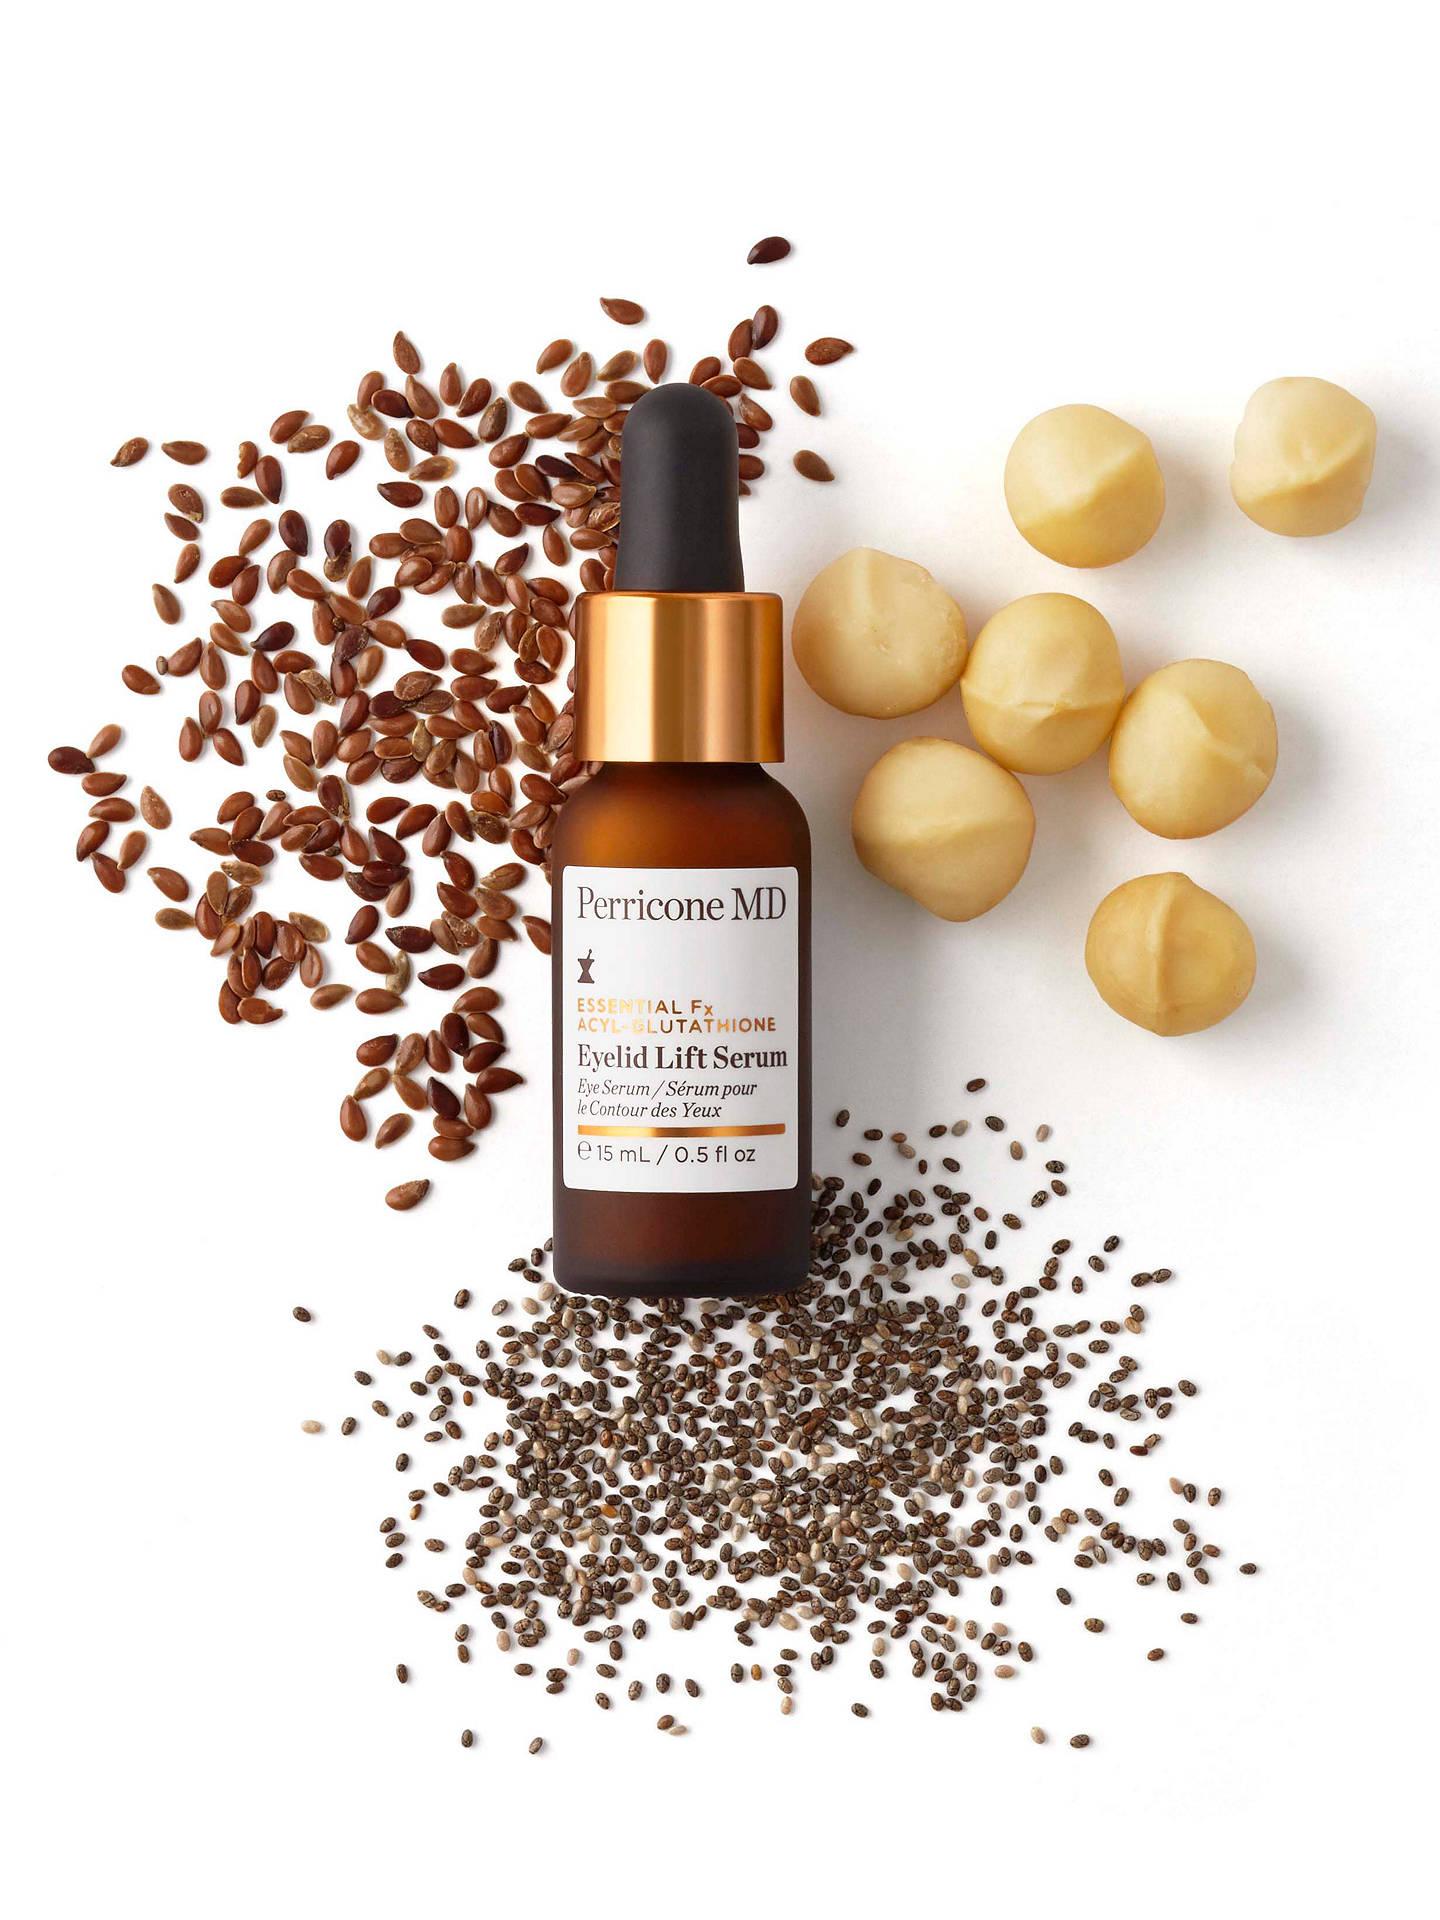 Perricone MD Essential Fx Acyl-Glutathione Eyelid Lift Serum, 15ml